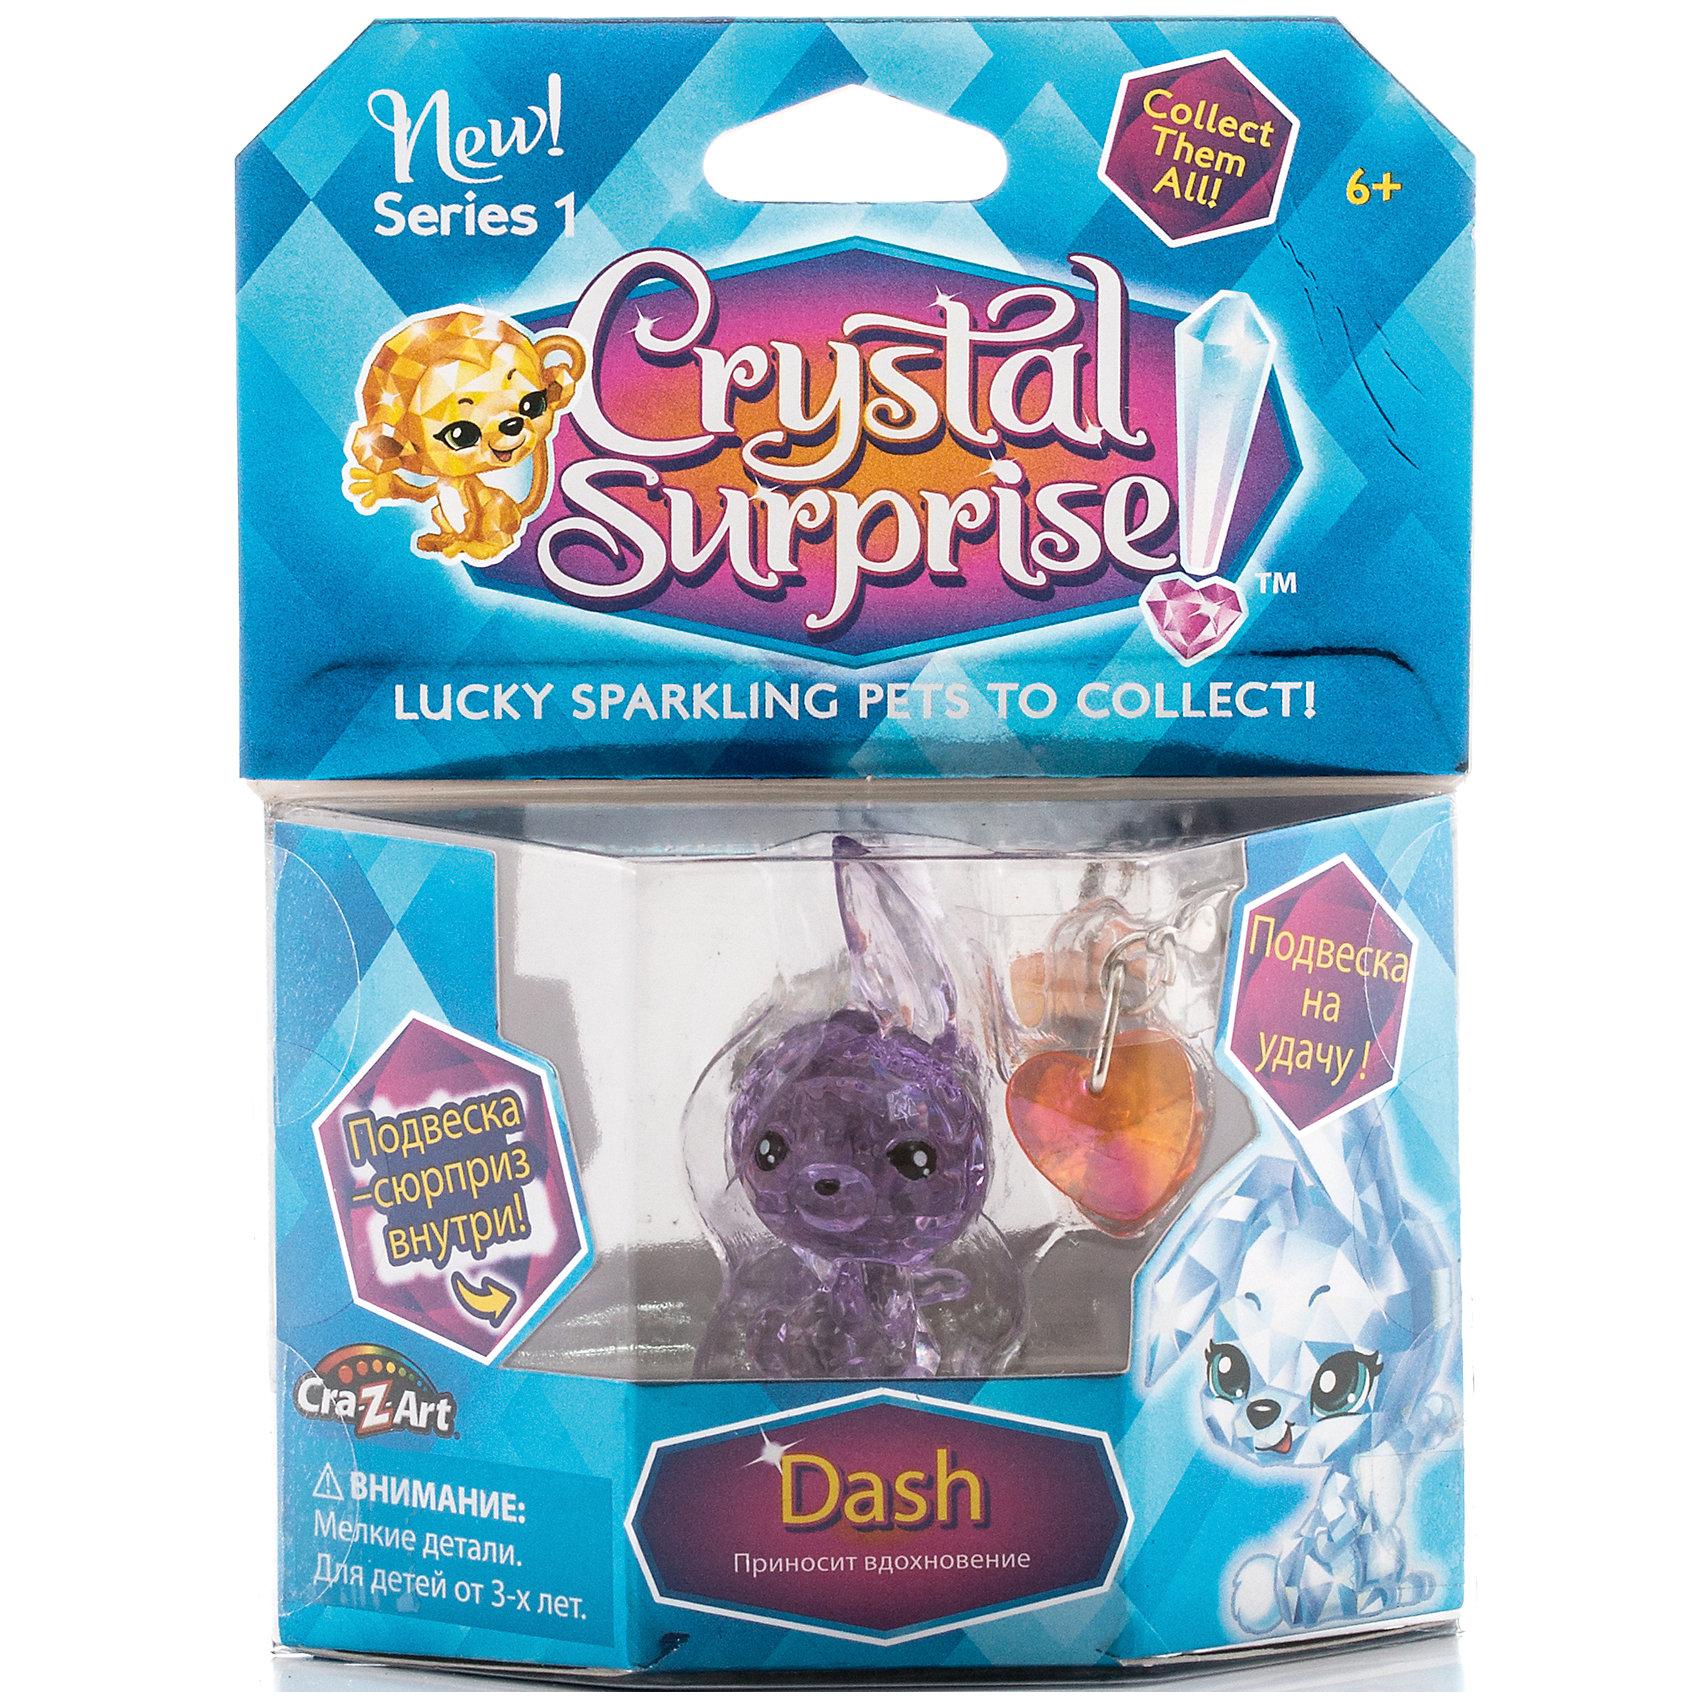 Фигурка Кролик+подвески, Crystal SurpriseКоллекционные фигурки<br>Фигурка Crystal Surprise - одновременно талисман и украшение. Эти волшебные зверьки будто состоят из искрящихся кристаллов! Кристальные фигурки выполнены из высококачественного полупрозрачного пластика. У каждого зверька свой цвет и своя, особенная, история. Кролик Дэш (Dash) - талисман для вдохновения. У него милая мордочка, игриво поднято одно ушко. Фигурка сделана из полупрозрачного материала с красивым розовым оттенком. В комплект, также, входит подвеска в виде сердечка, 2 маленьких металлических шарма, и буклет коллекционера. Украшение можно подвесить на рюкзак, использовать как брелок или украсить свой браслет.<br><br>Ширина мм: 110<br>Глубина мм: 150<br>Высота мм: 30<br>Вес г: 46<br>Возраст от месяцев: 36<br>Возраст до месяцев: 192<br>Пол: Женский<br>Возраст: Детский<br>SKU: 4663701